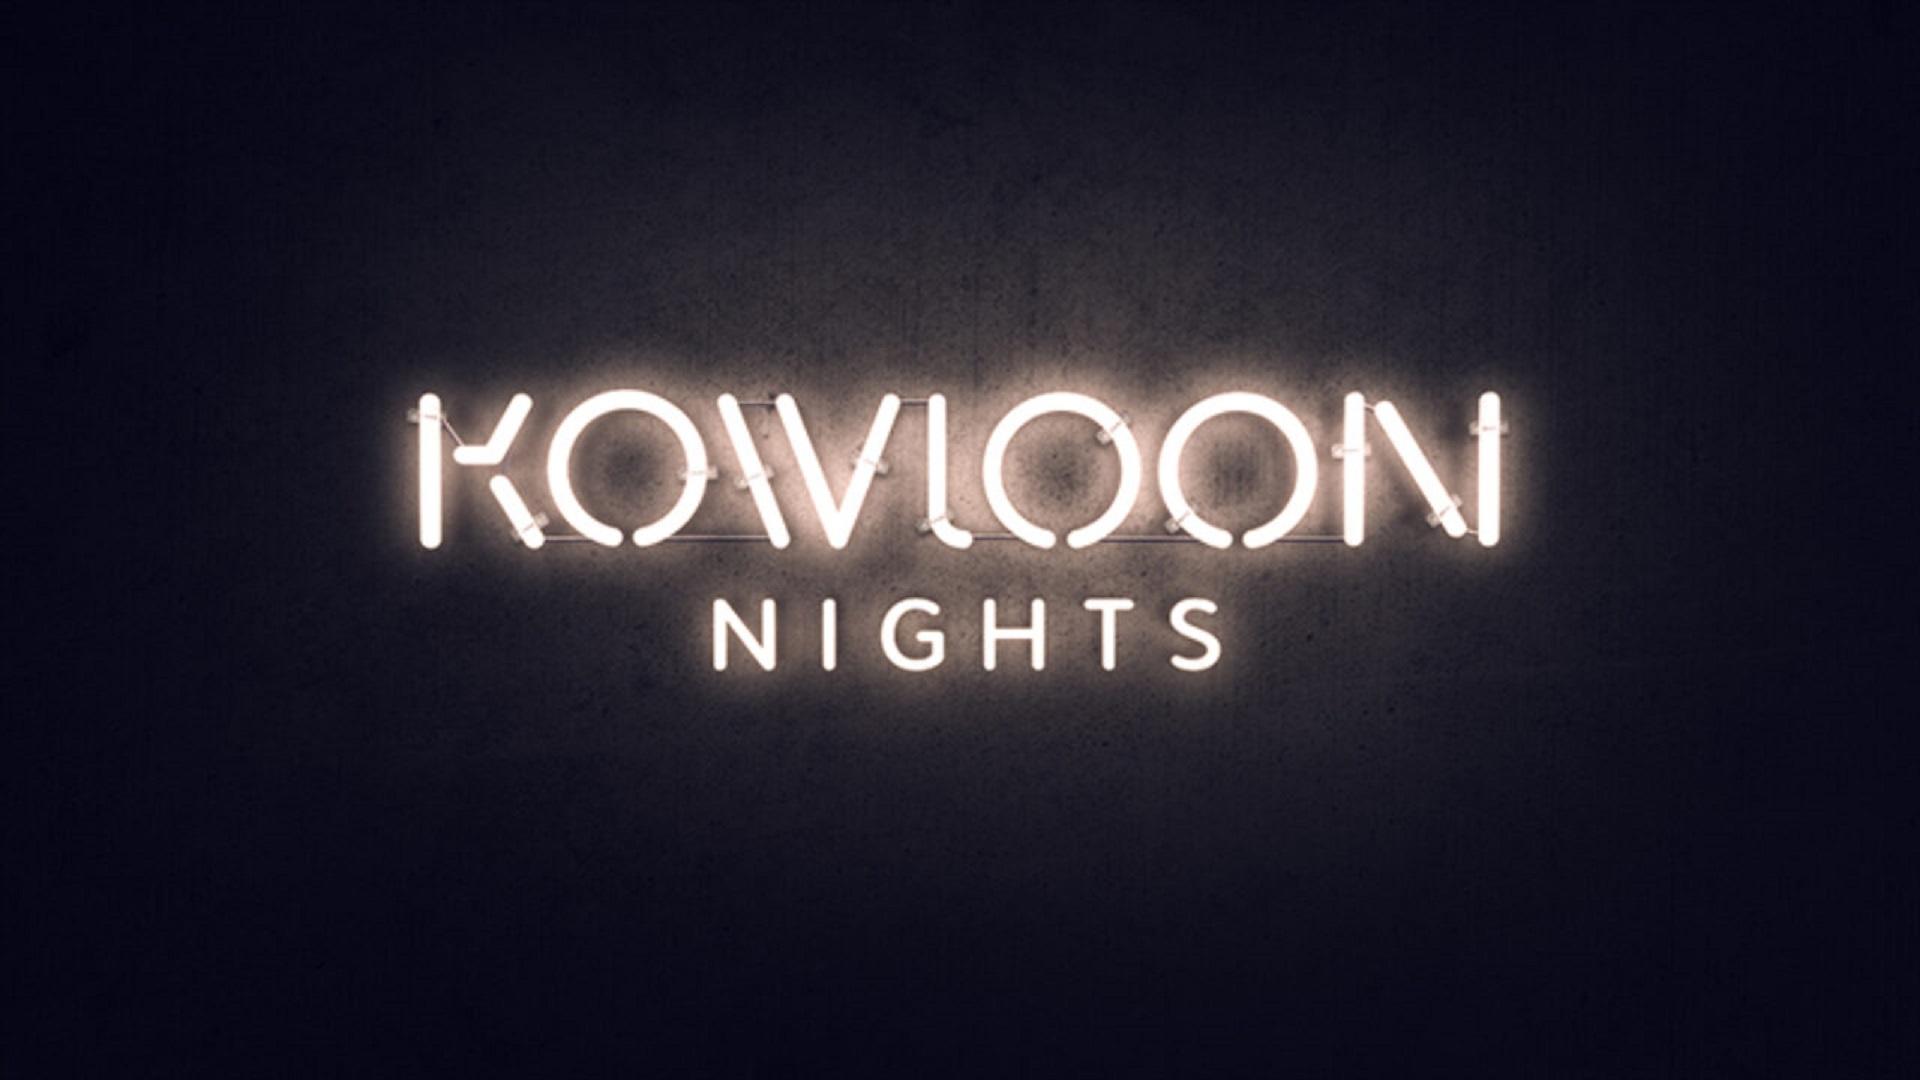 kowloon nights logo